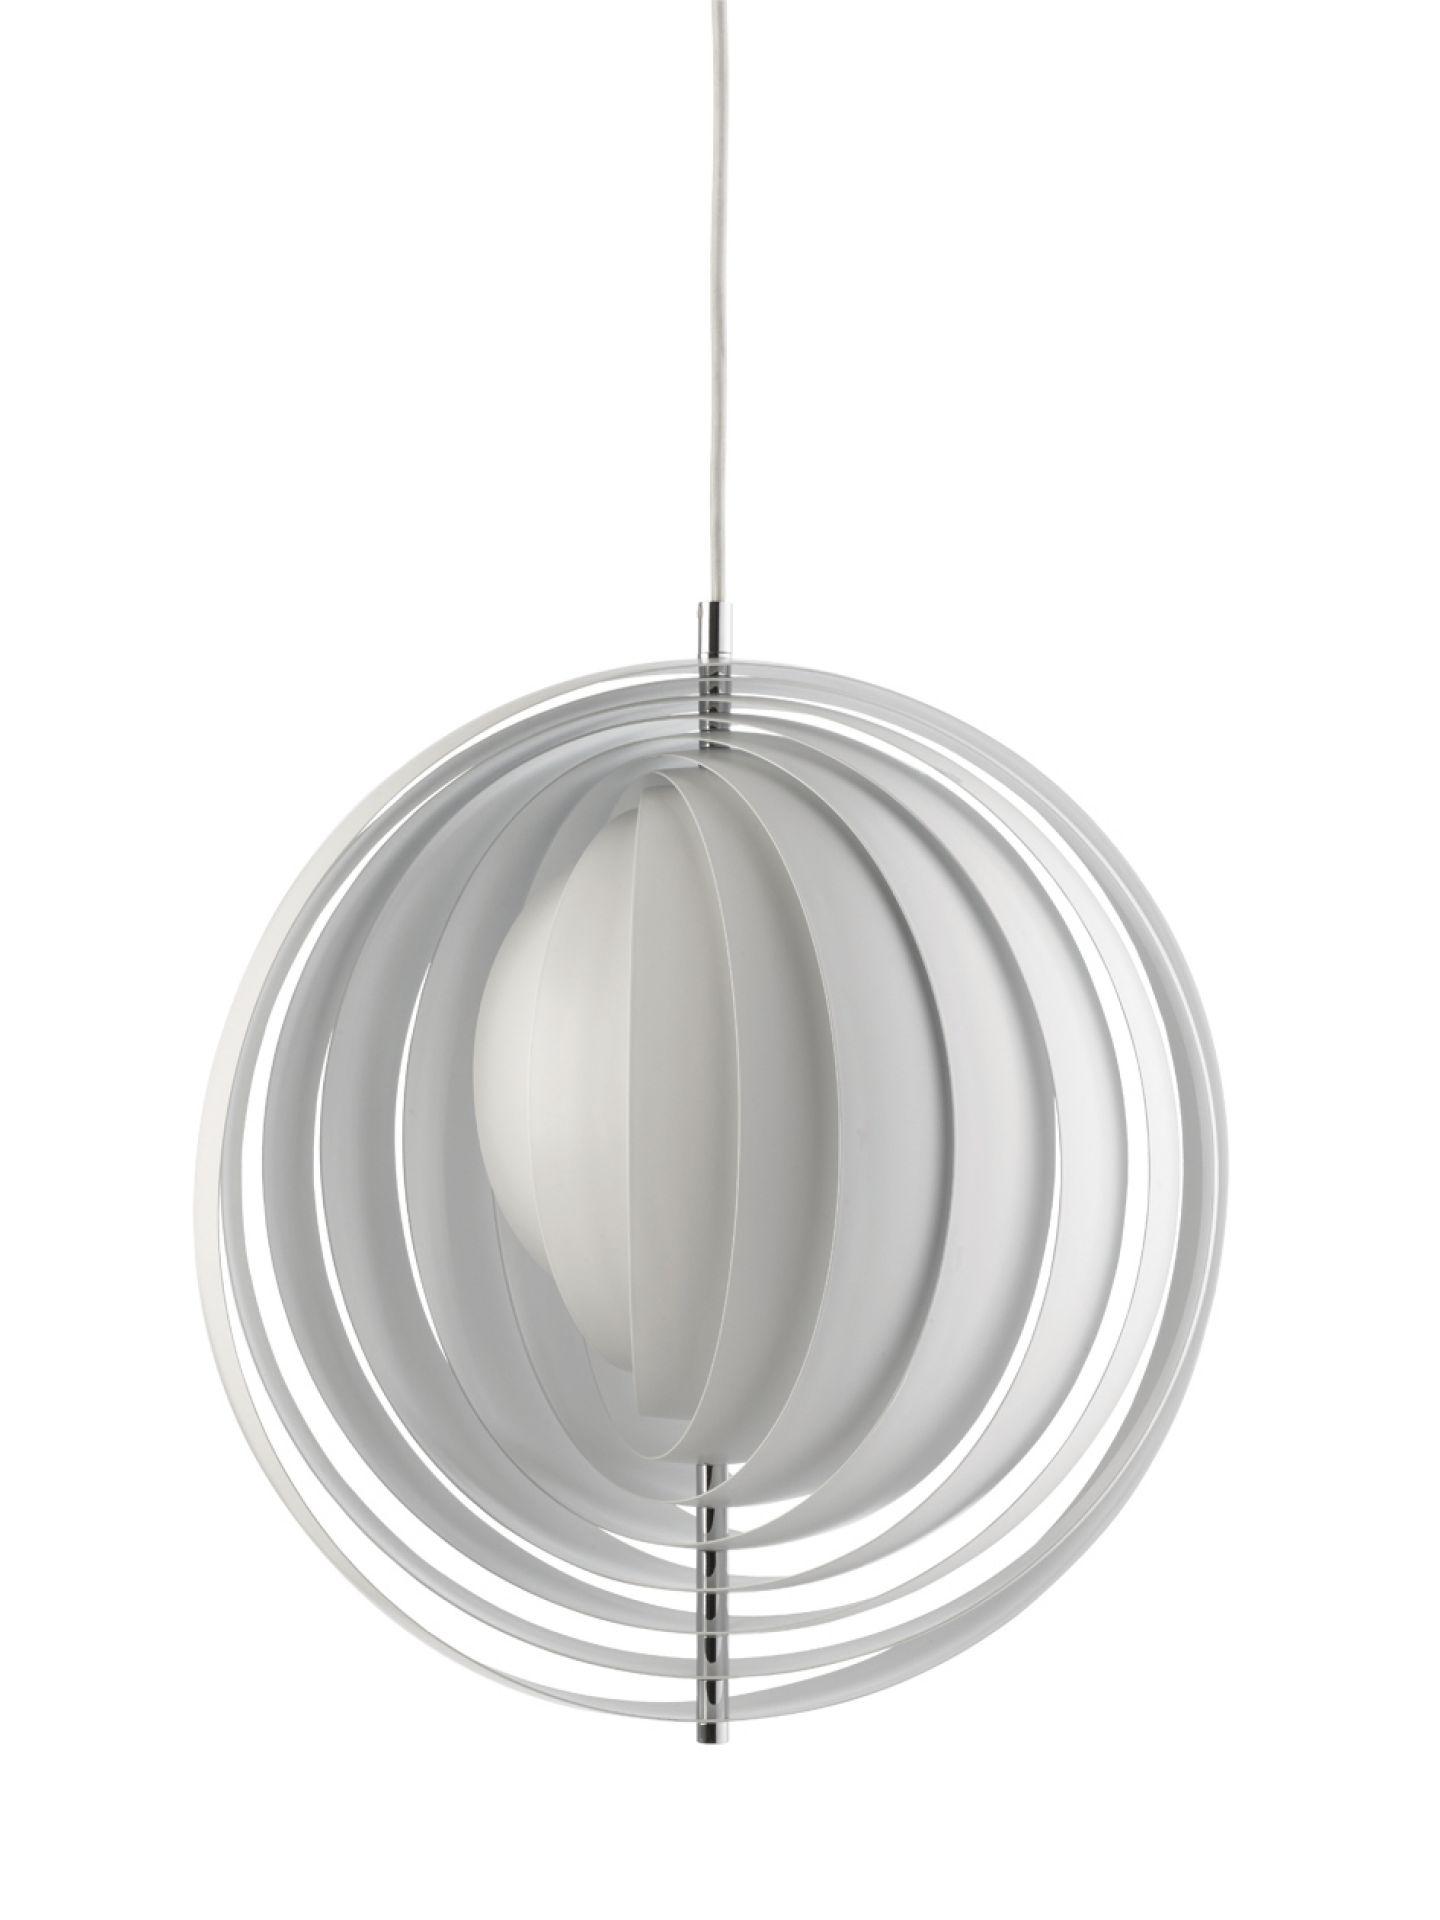 Moon XXXL Lampe à suspension Verpan